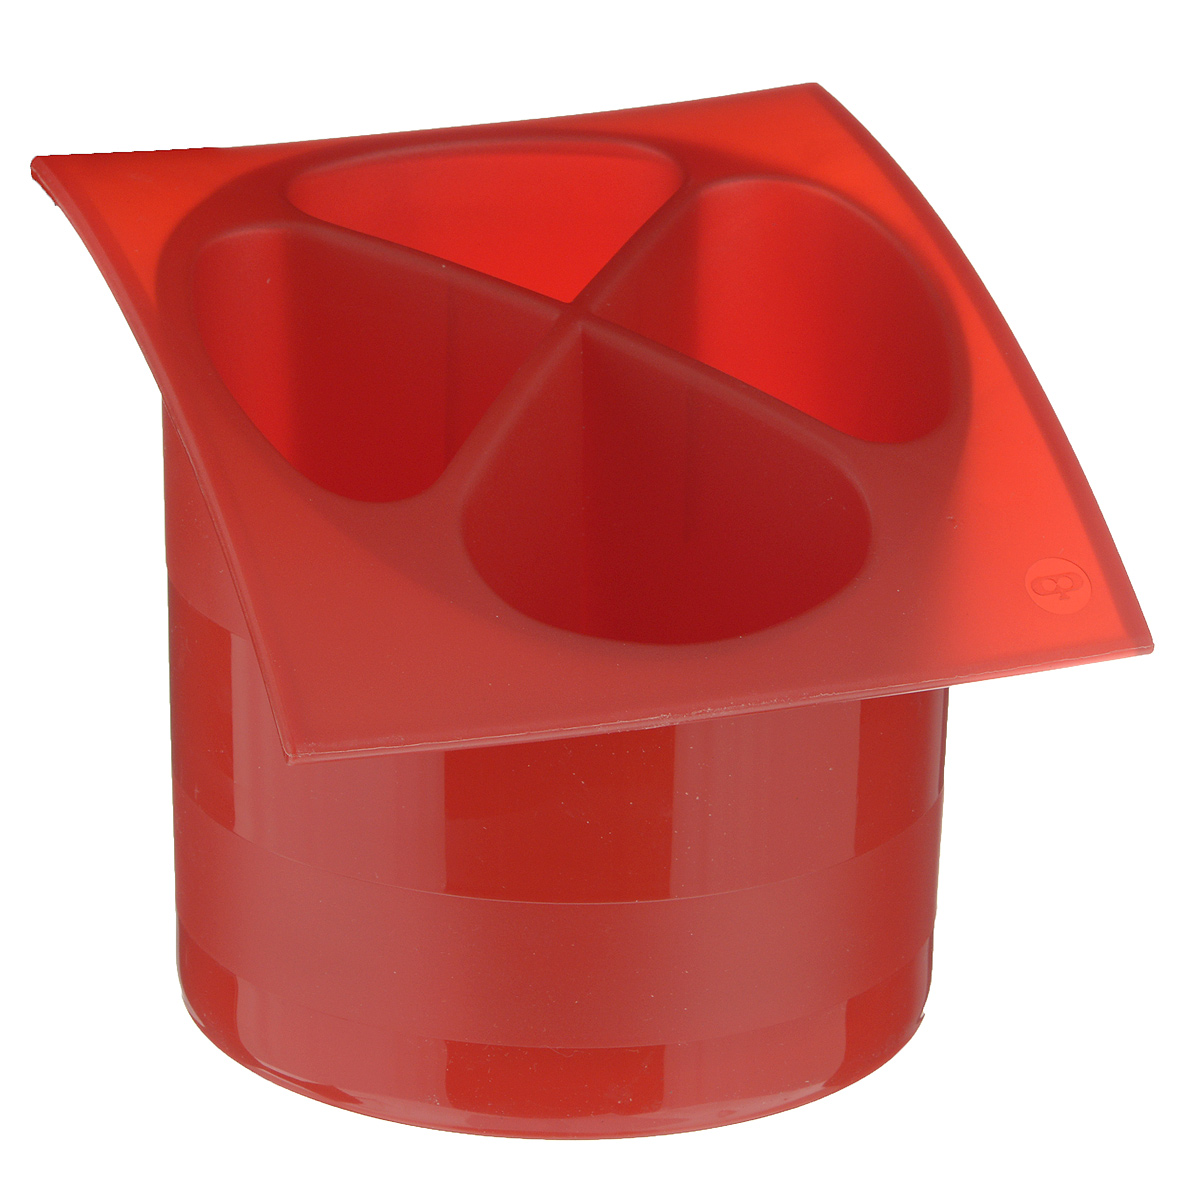 Подставка для столовых приборов Cosmoplast, цвет: красный, диаметр 14 см2140Подставка для столовых приборов Cosmoplast, выполненная из высококачественного пластика, станет полезным приобретением для вашей кухни. Подставка имеет четыре отделения для разных видов столовых приборов. Дно отделений оснащено отверстиями. Подставка вставляется в емкость, предназначенную для стекания воды.Подставка Cosmoplast удобна в использовании и имеет яркий современный дизайн, который станет ярким акцентом в интерьере вашей кухни. Можно мыть в посудомоечной машине. Диаметр основания: 13,5 см. Размер подставки: 15,5 см х 16,5 см х 14,5 см.